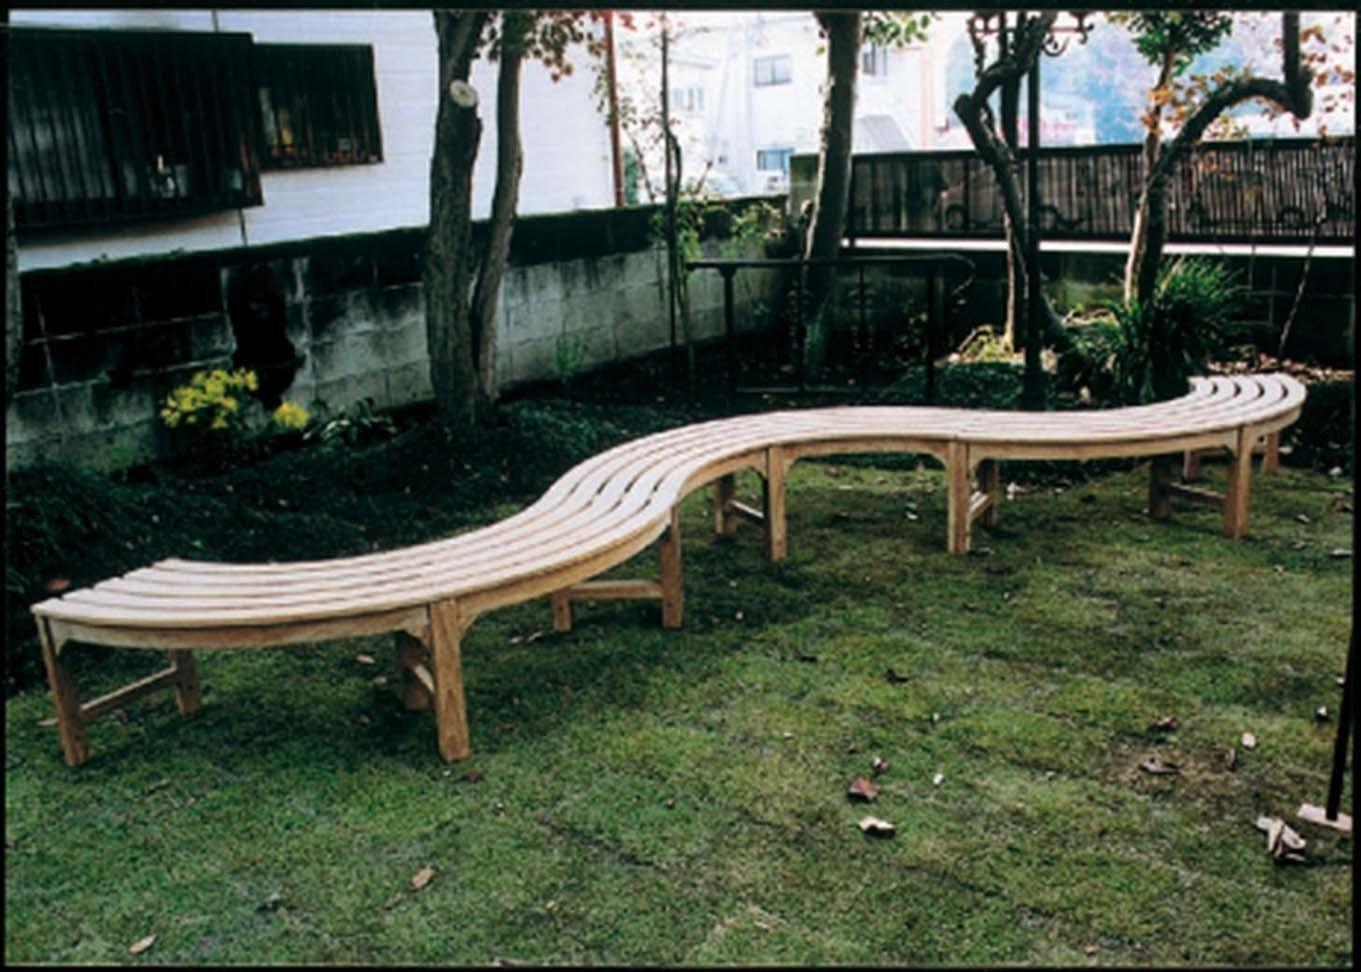 ガーデンファニチャー:ラウンドベンチ2型【商品番号:36708】 B005HBJ9OK